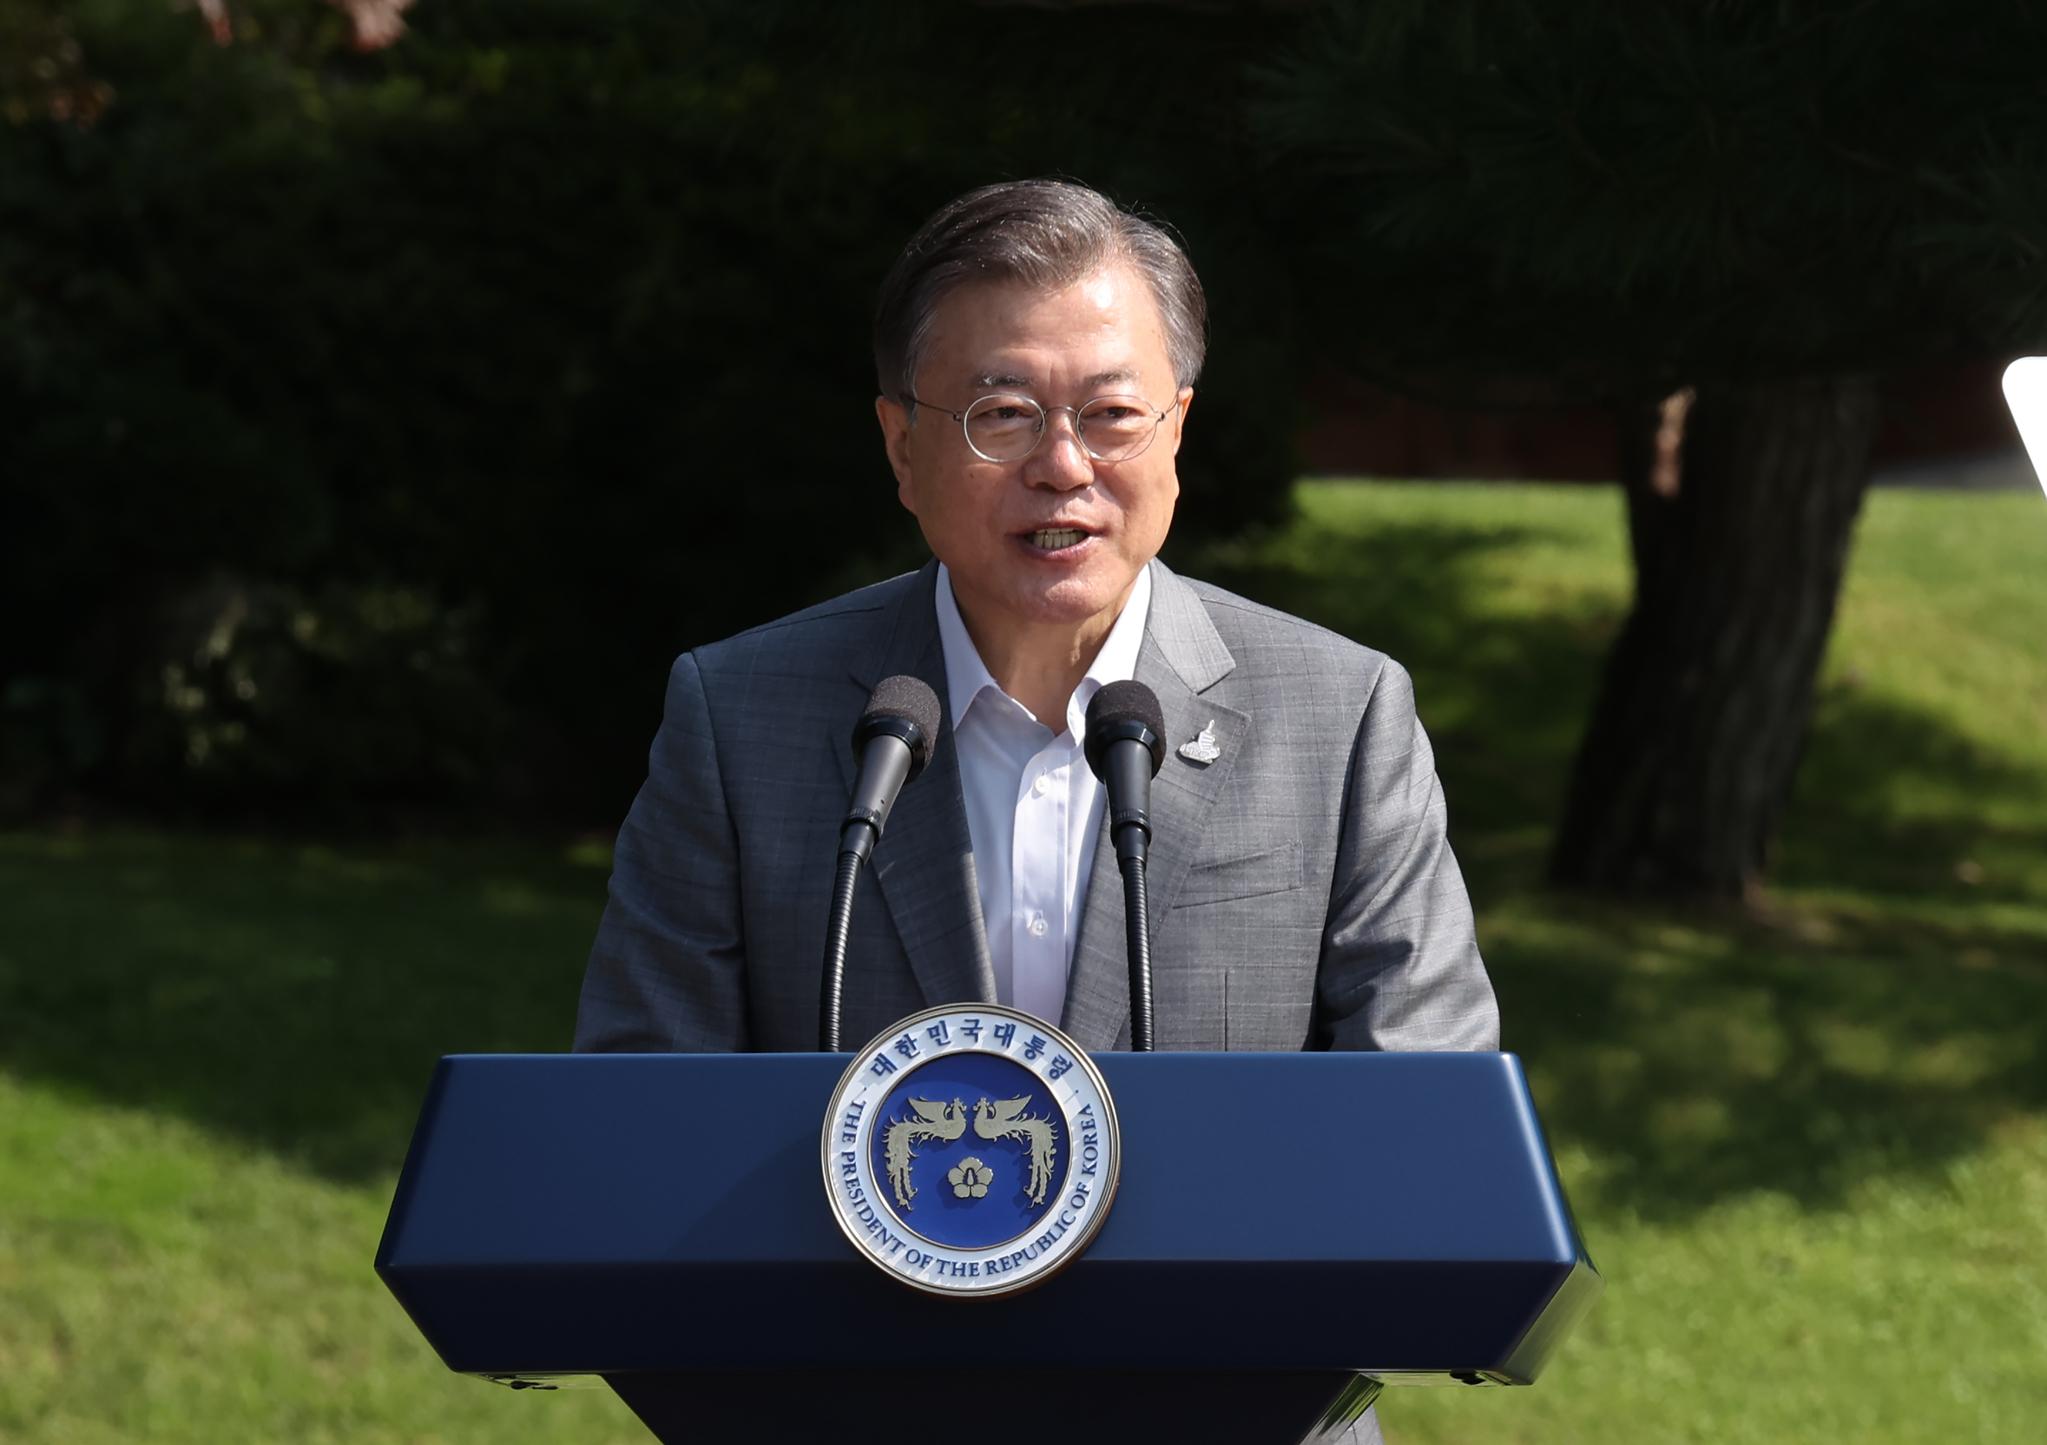 문재인 대통령이 19일 오전 청와대 녹지원에서 열린 제1회 청년의날 기념식에서 기념사를 하고 있다. 연합뉴스